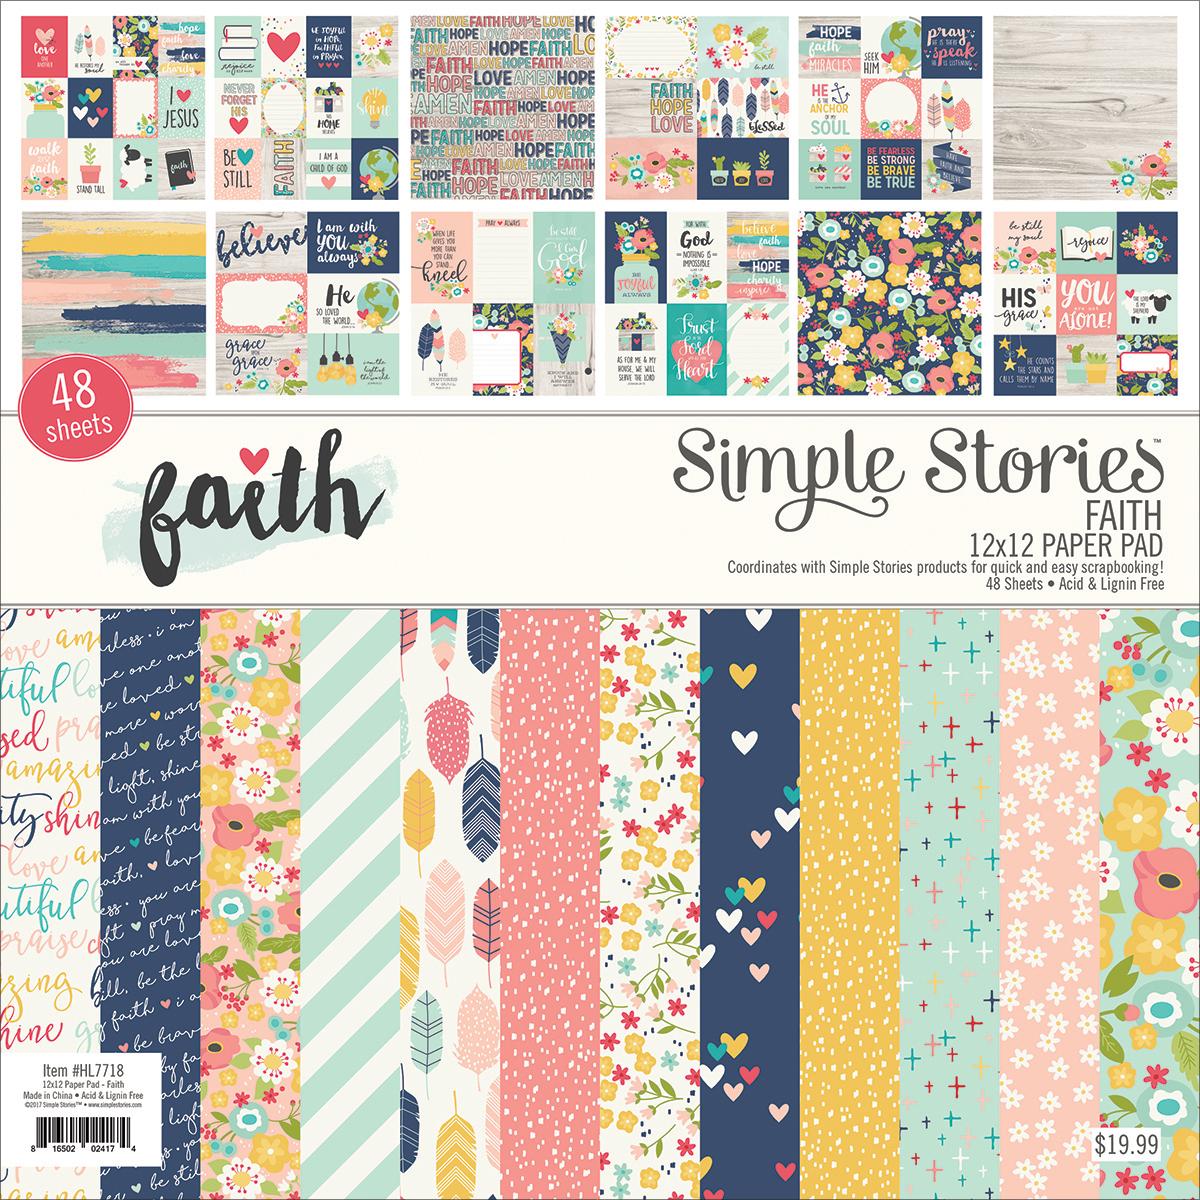 Faith 12x12 Paper Pad 48/Pkg, 24 Designs/2 Each - Simple Stories